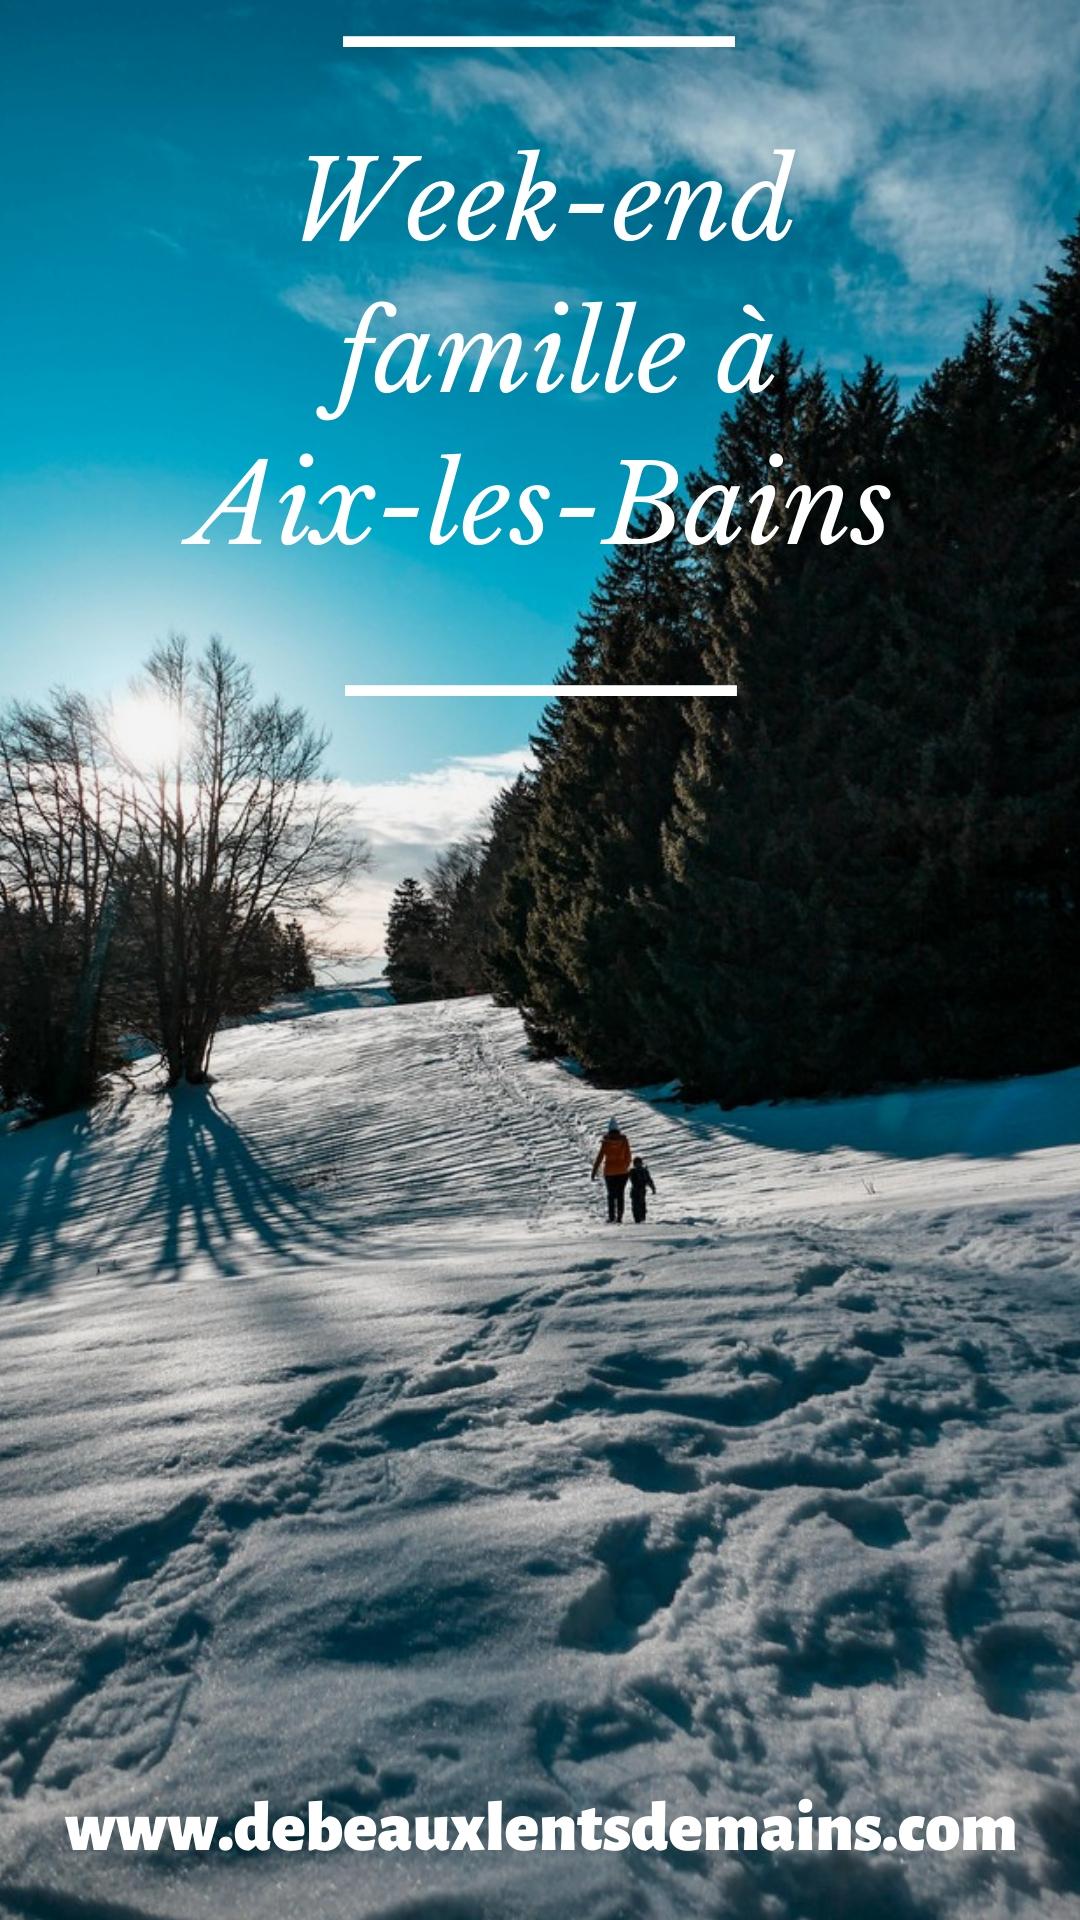 week-end en famille à Aix les Bains - Blog De beaux Lents demains